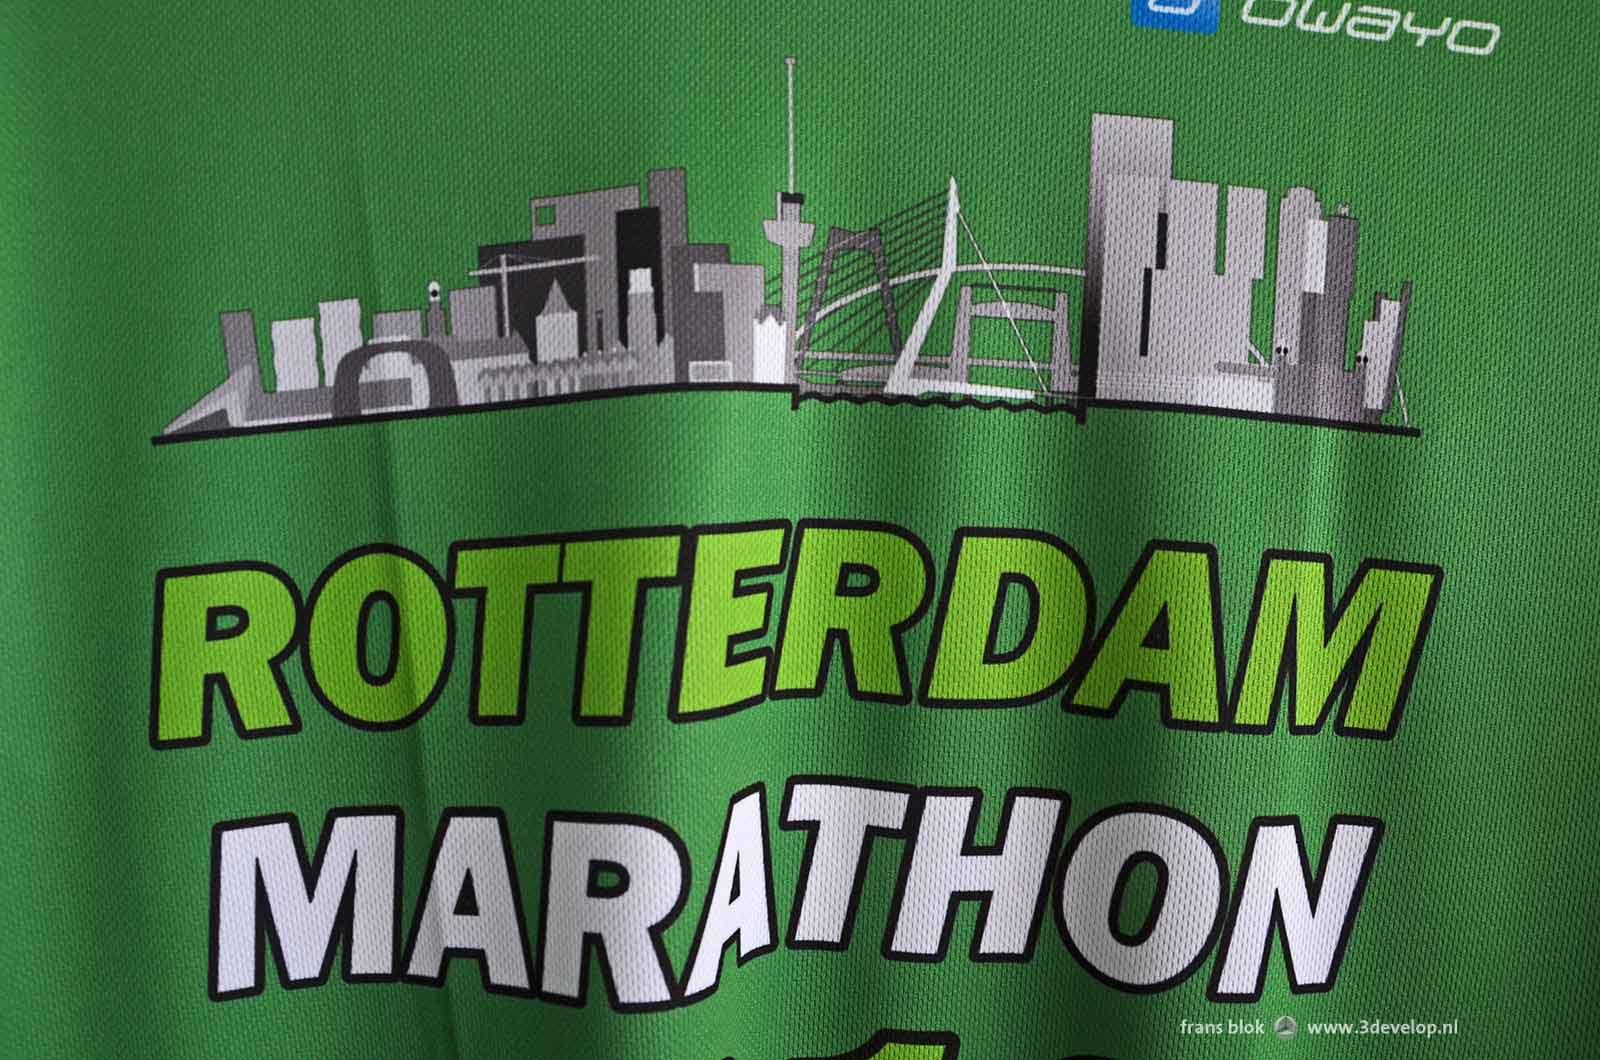 Grijsgroene variant van de grafische weergaven van de Rotterdamse skyline, zoals gedragen door een paar honderd deelnemers aan de Rotterdamse marathon in 2016 en 2017